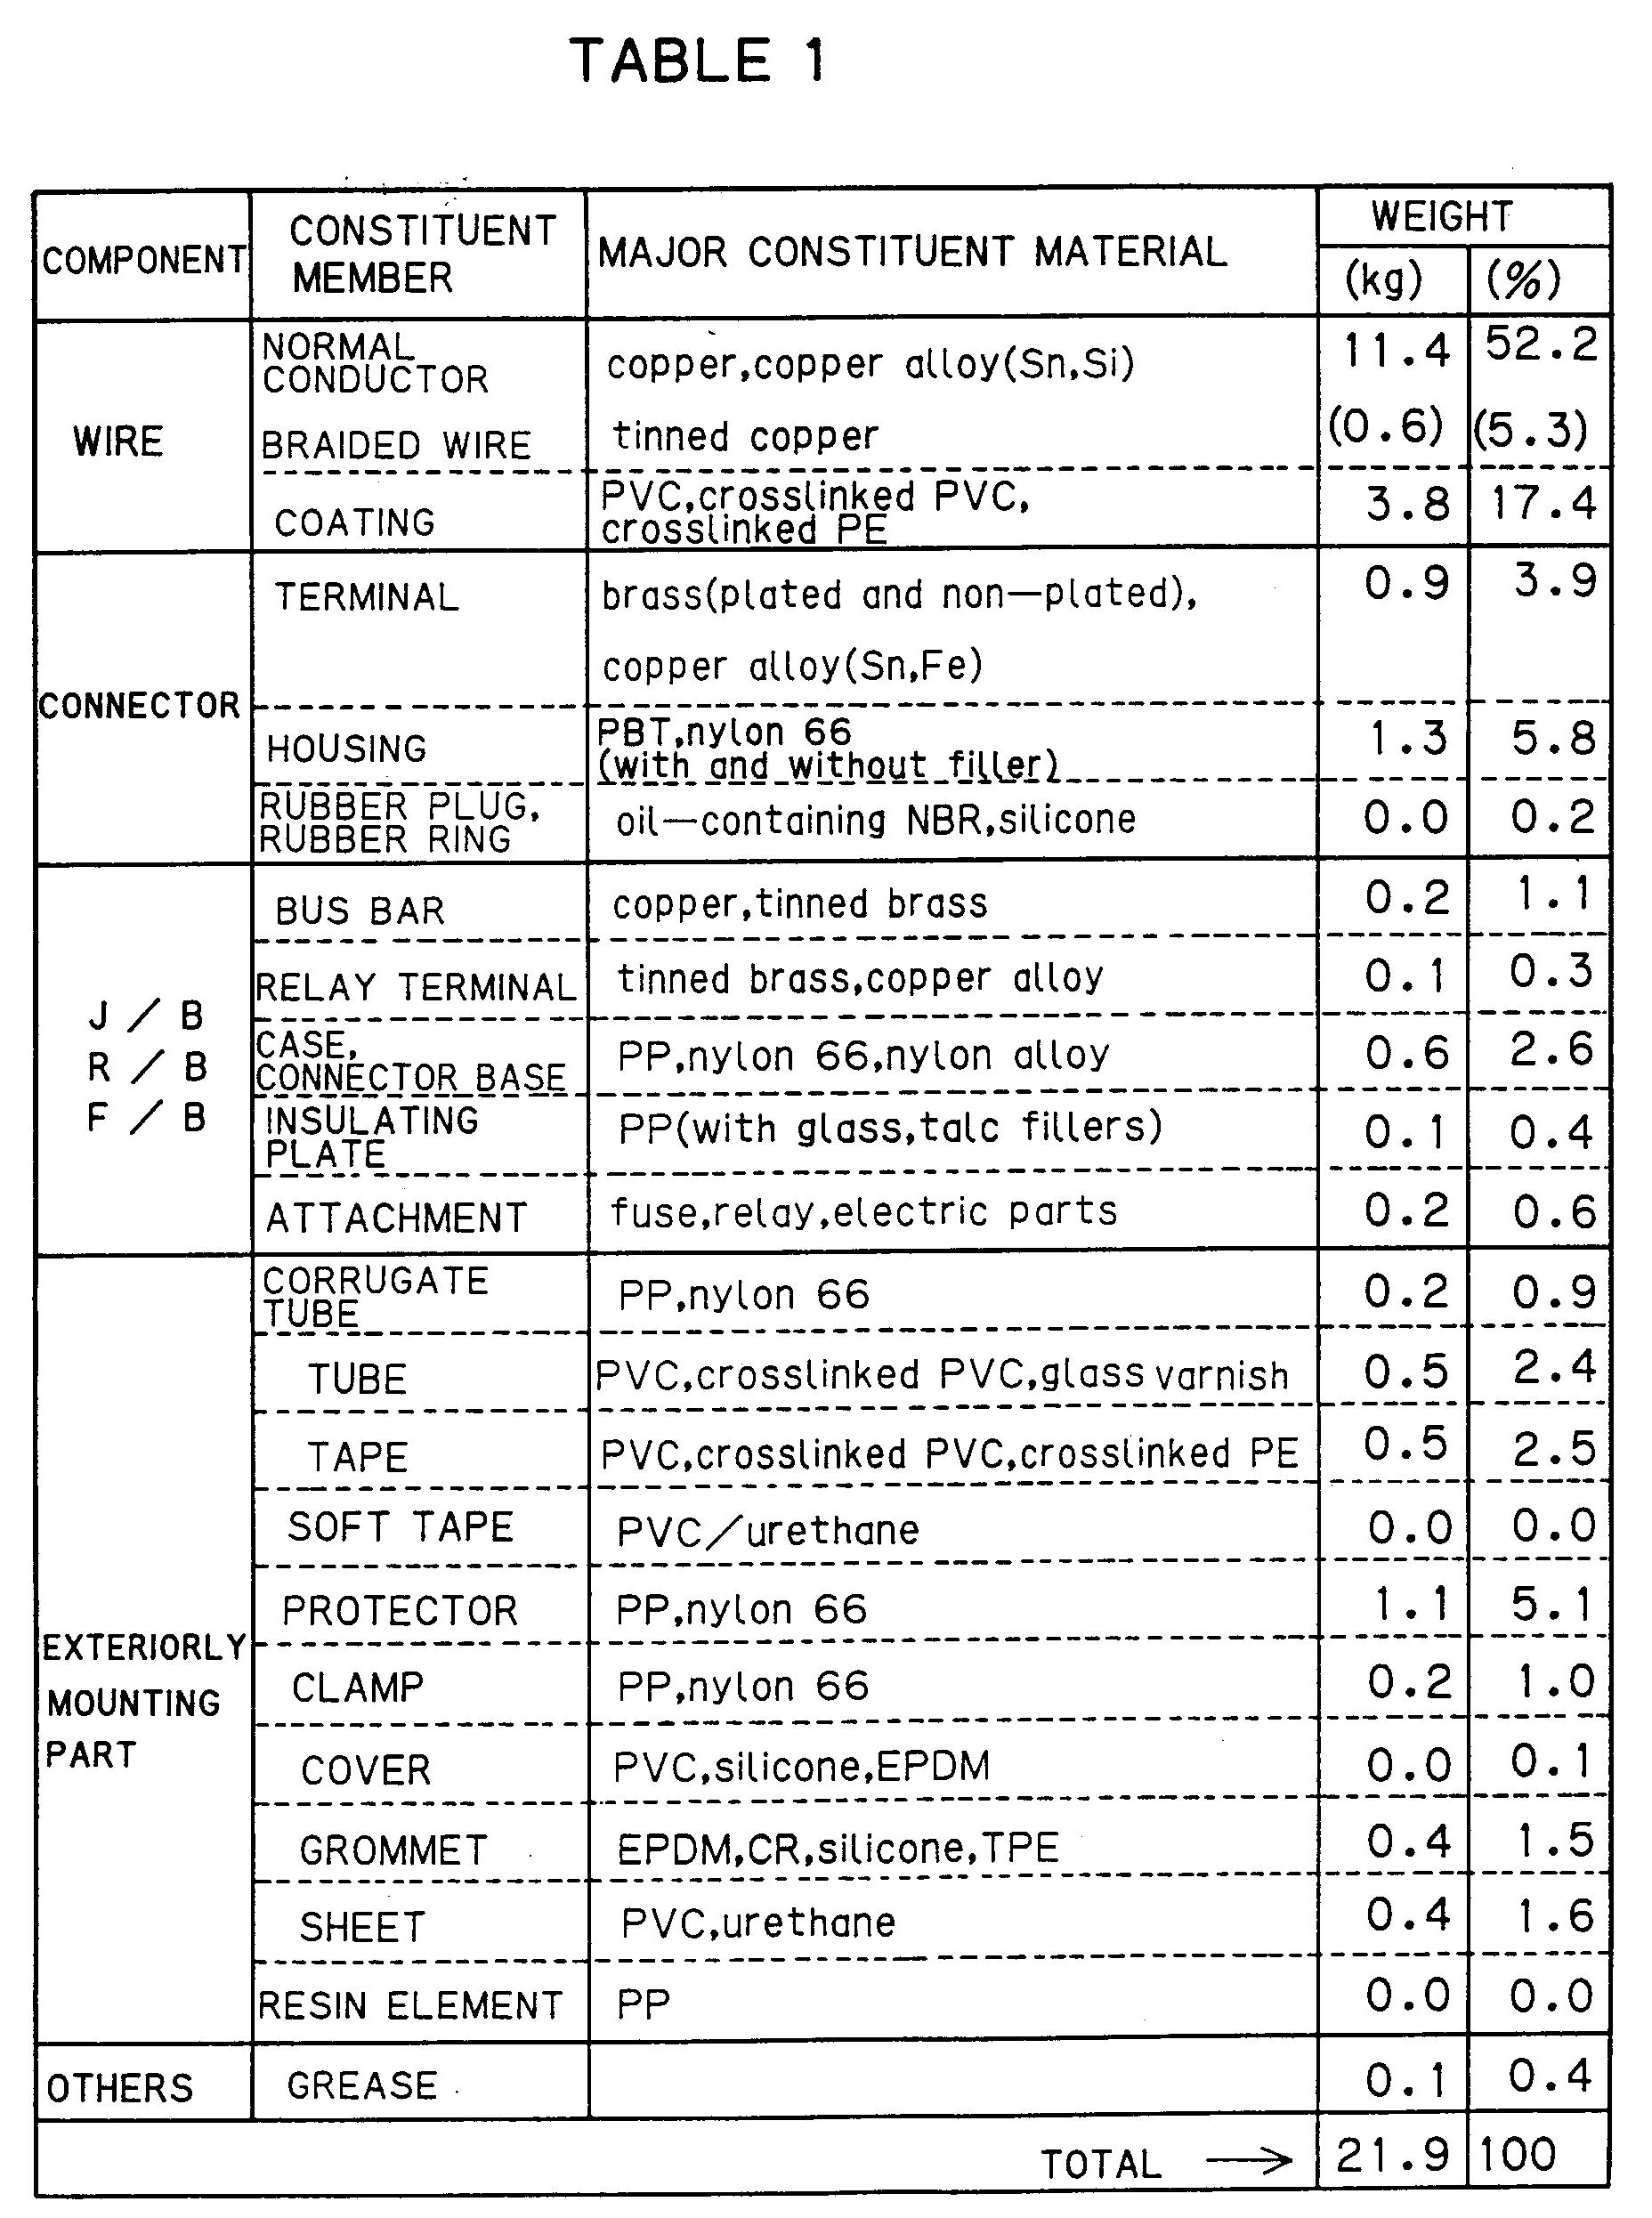 patent epa automotive wiring harness patents figure b0001